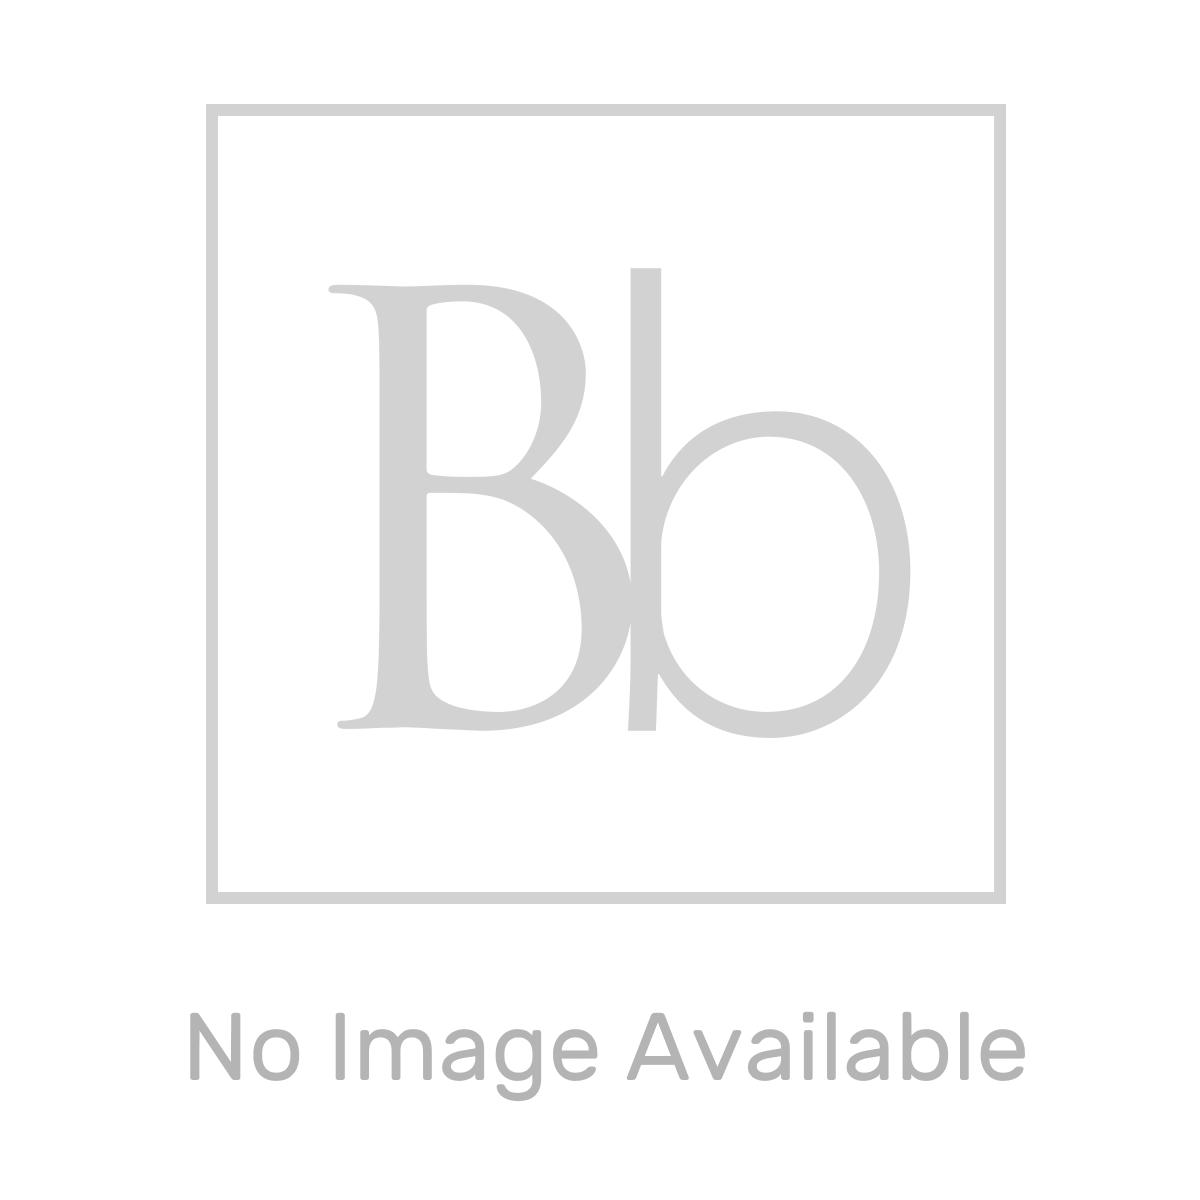 Stuart Turner 46417 Monsoon Standard Twin 4.0 Bar Positive Head Pump Right